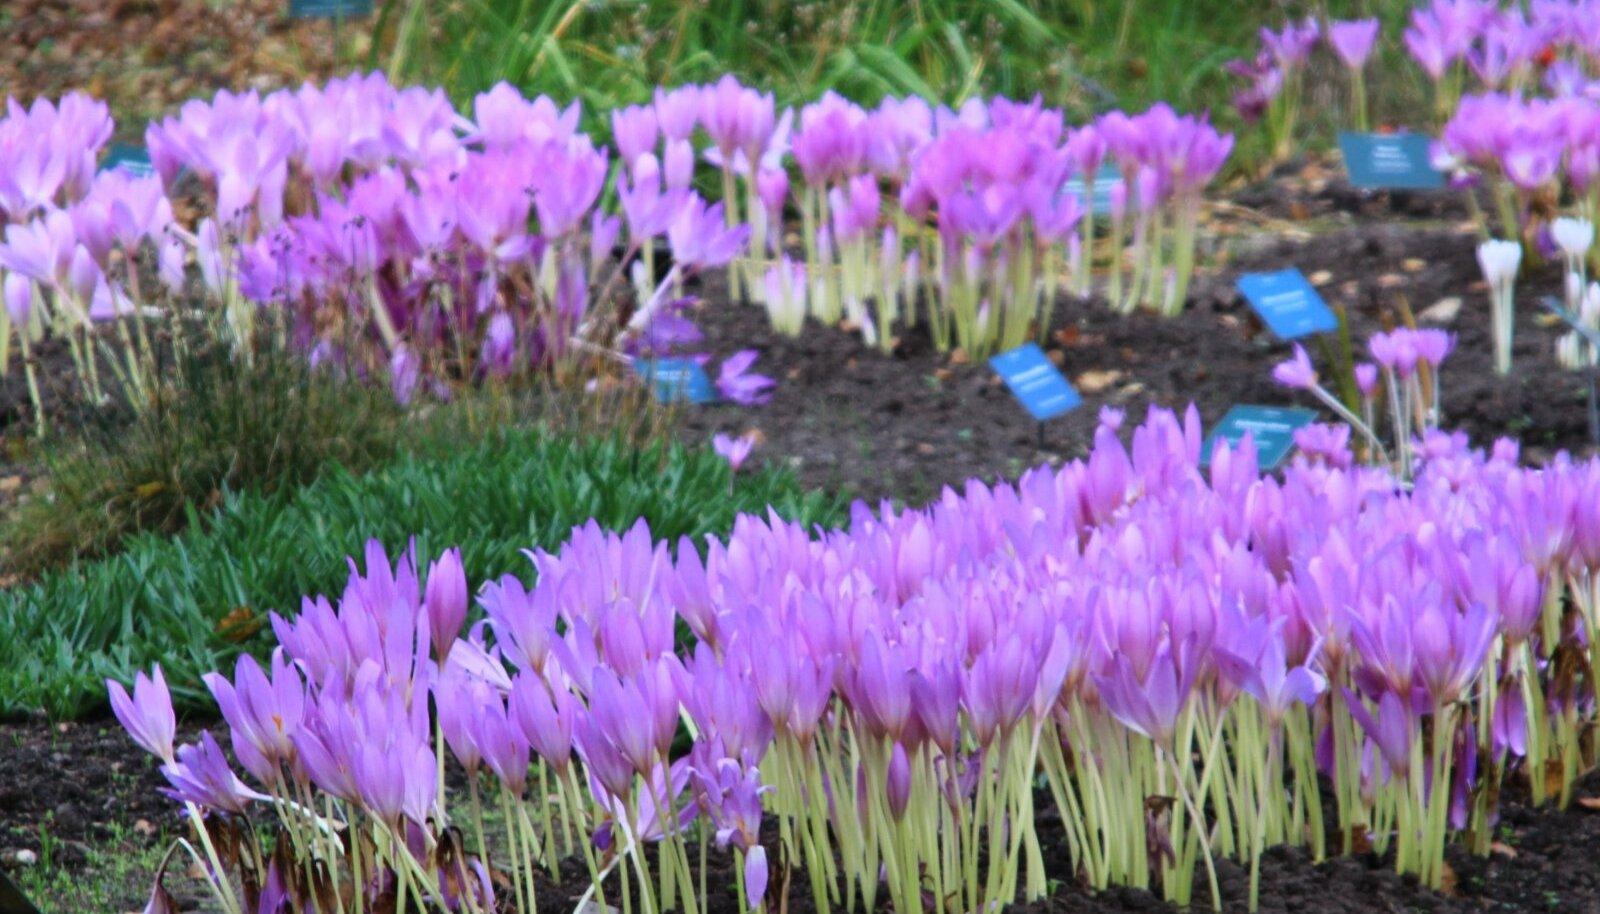 Sügislilled võivad tihedalt koos kasvades moodustada erksaid lillasid laike.